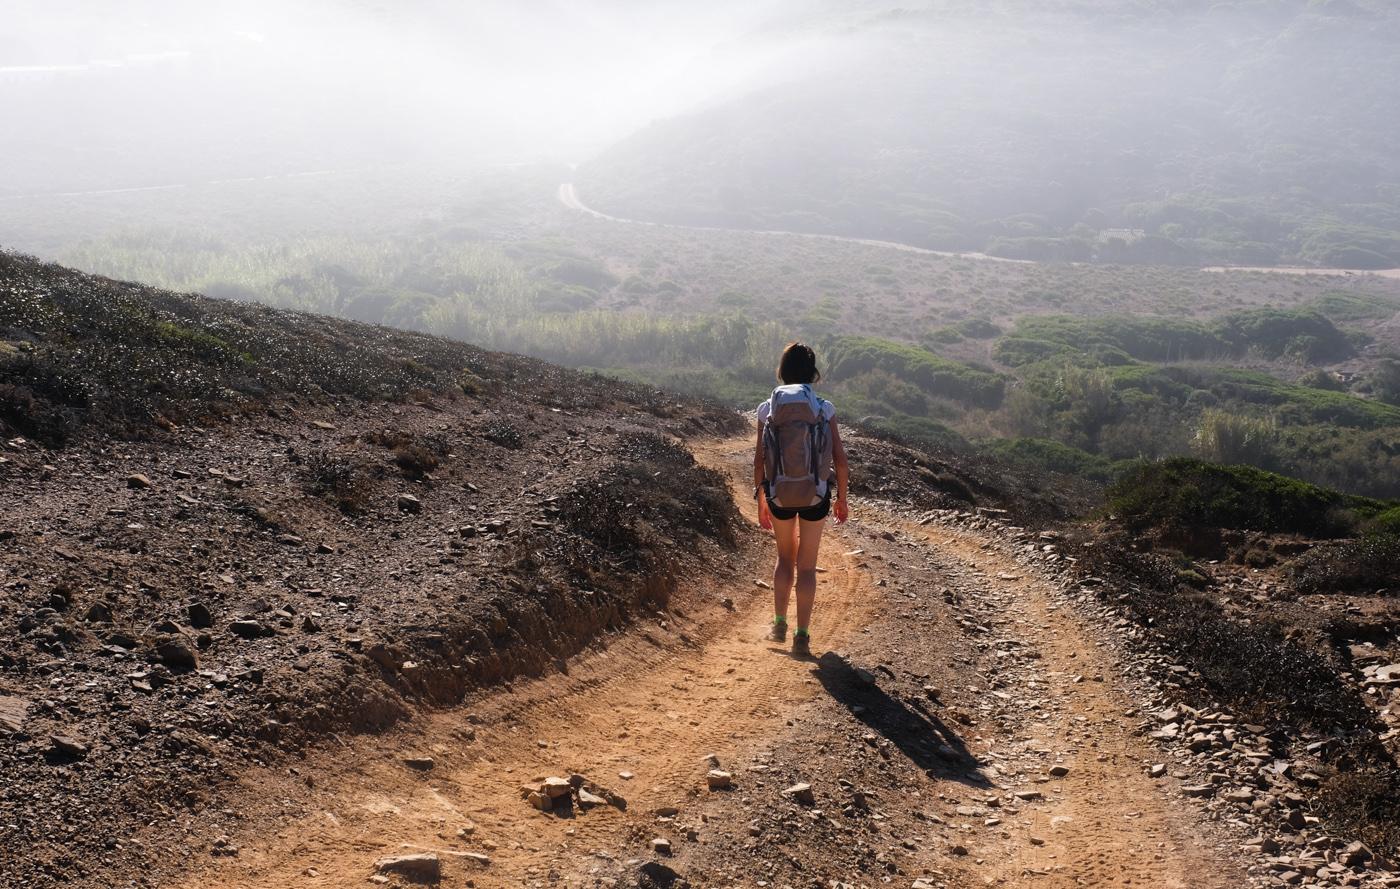 Rota Vicentina cammino a piedi Portogallo algarve sentiero dei pescatori